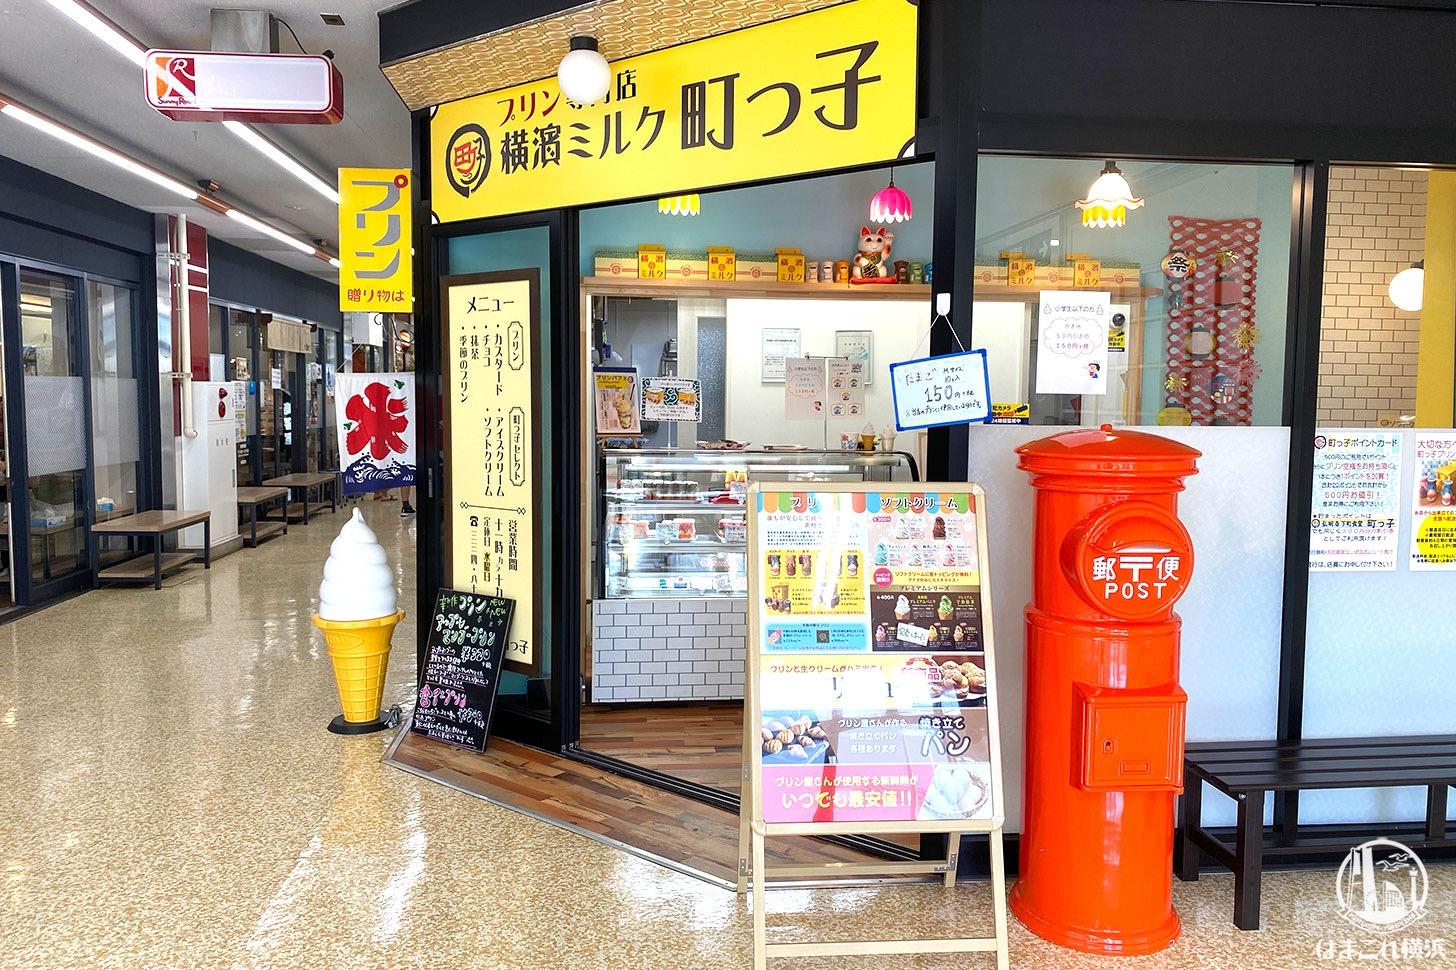 プリン専門店「横濱ミルク 町っ子」外観・入り口